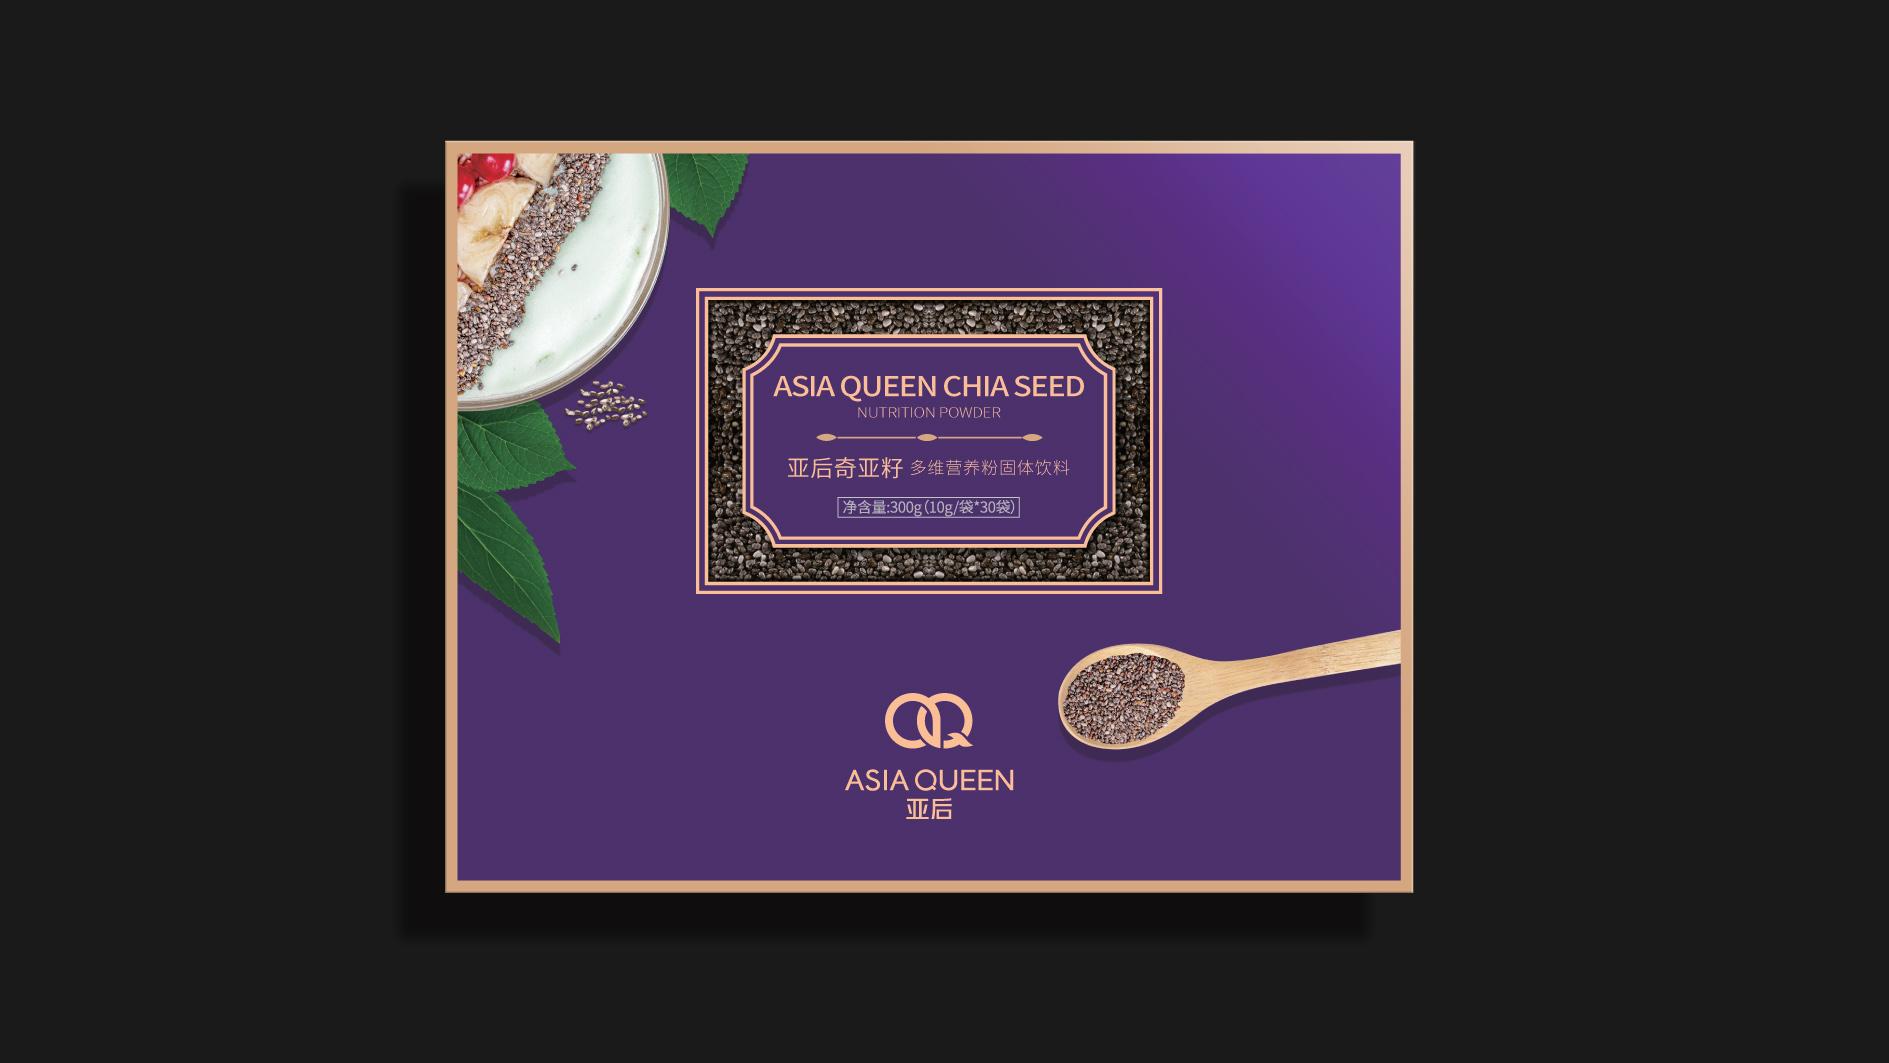 亚后奇亚籽品牌包装设计